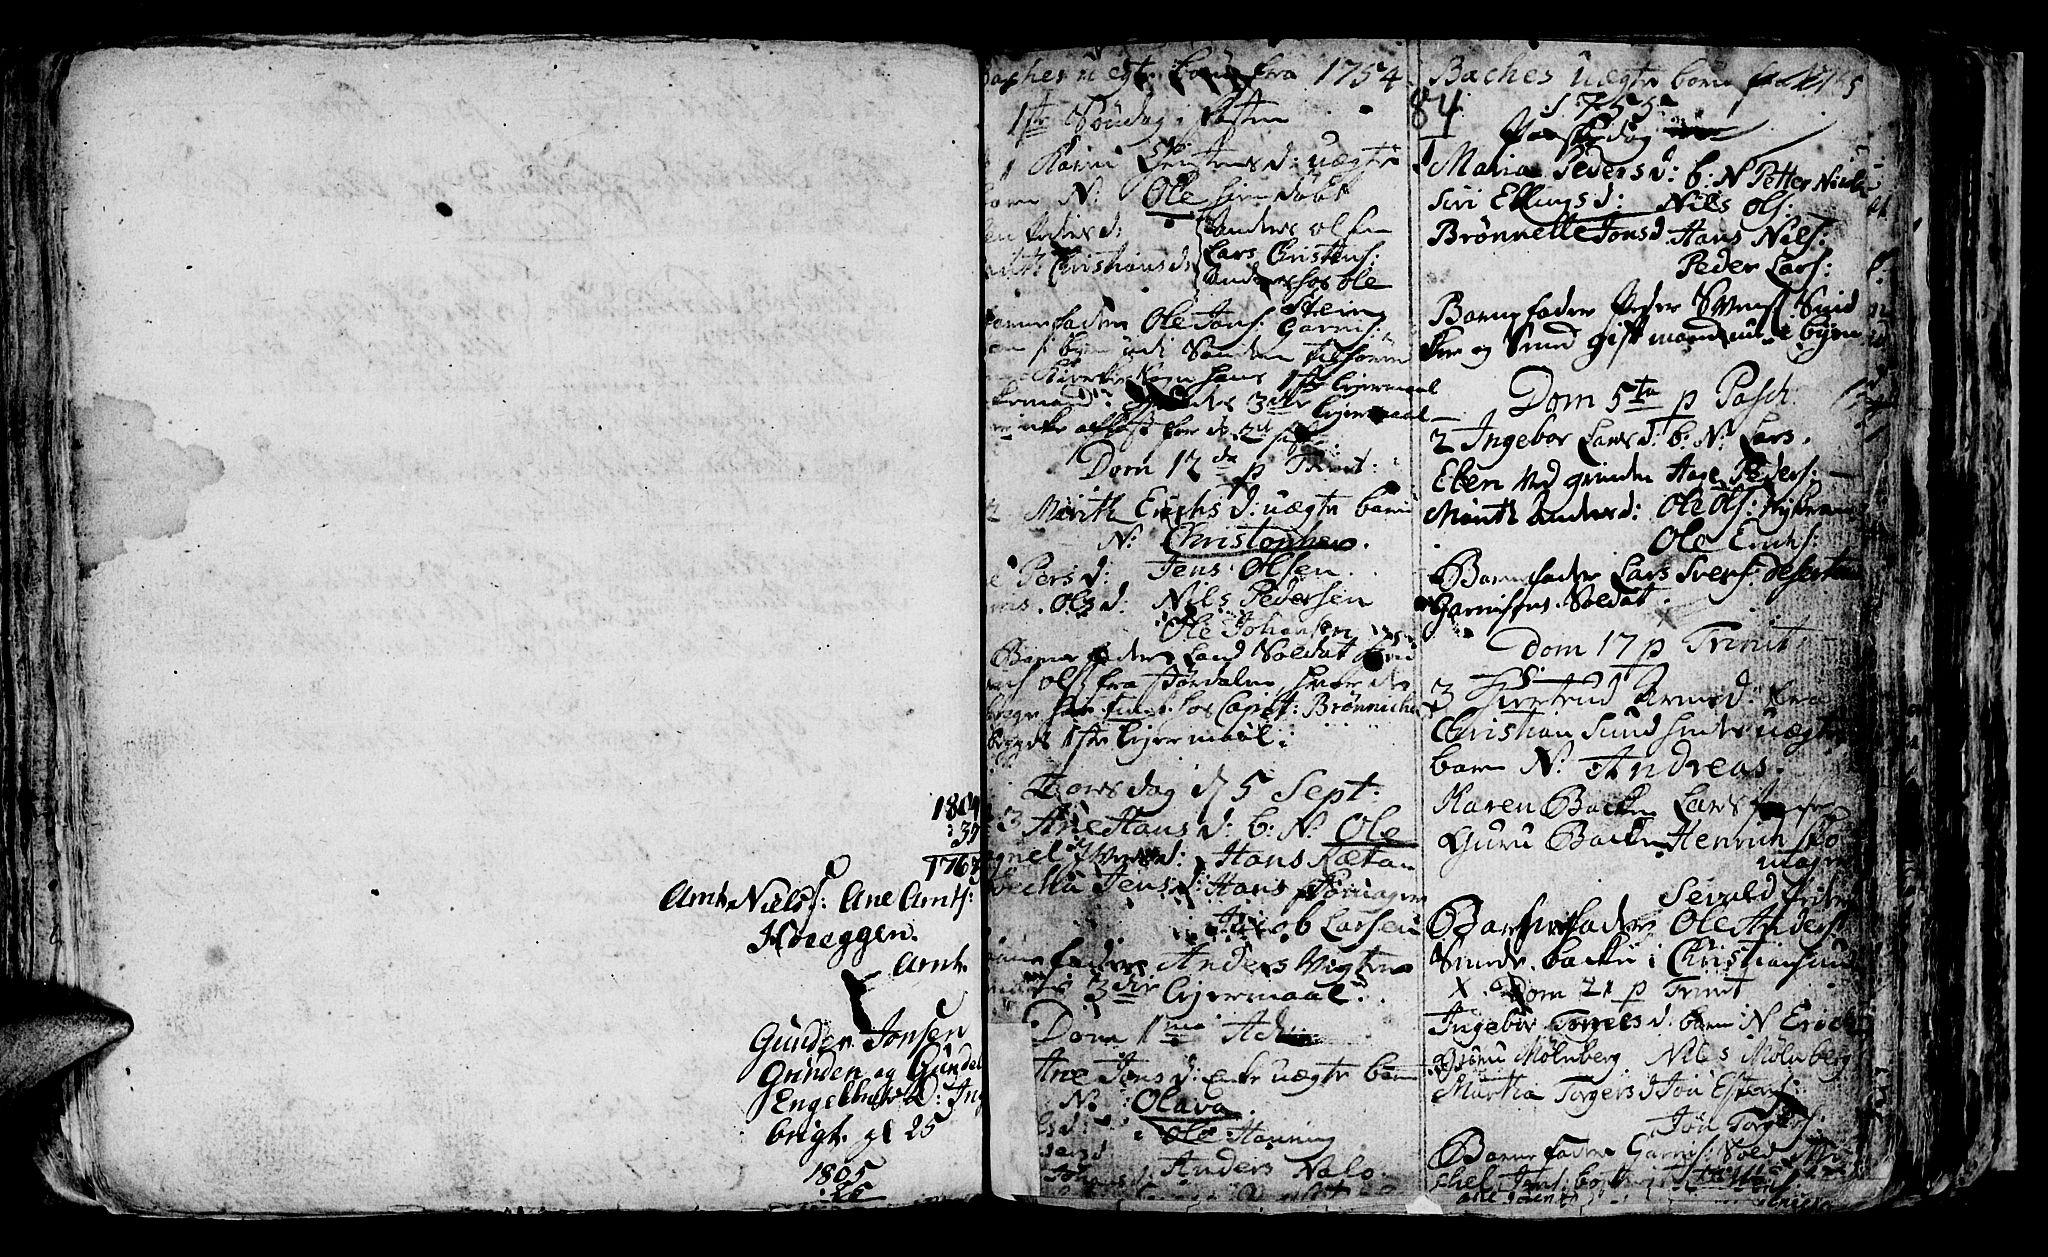 SAT, Ministerialprotokoller, klokkerbøker og fødselsregistre - Sør-Trøndelag, 604/L0218: Klokkerbok nr. 604C01, 1754-1819, s. 84